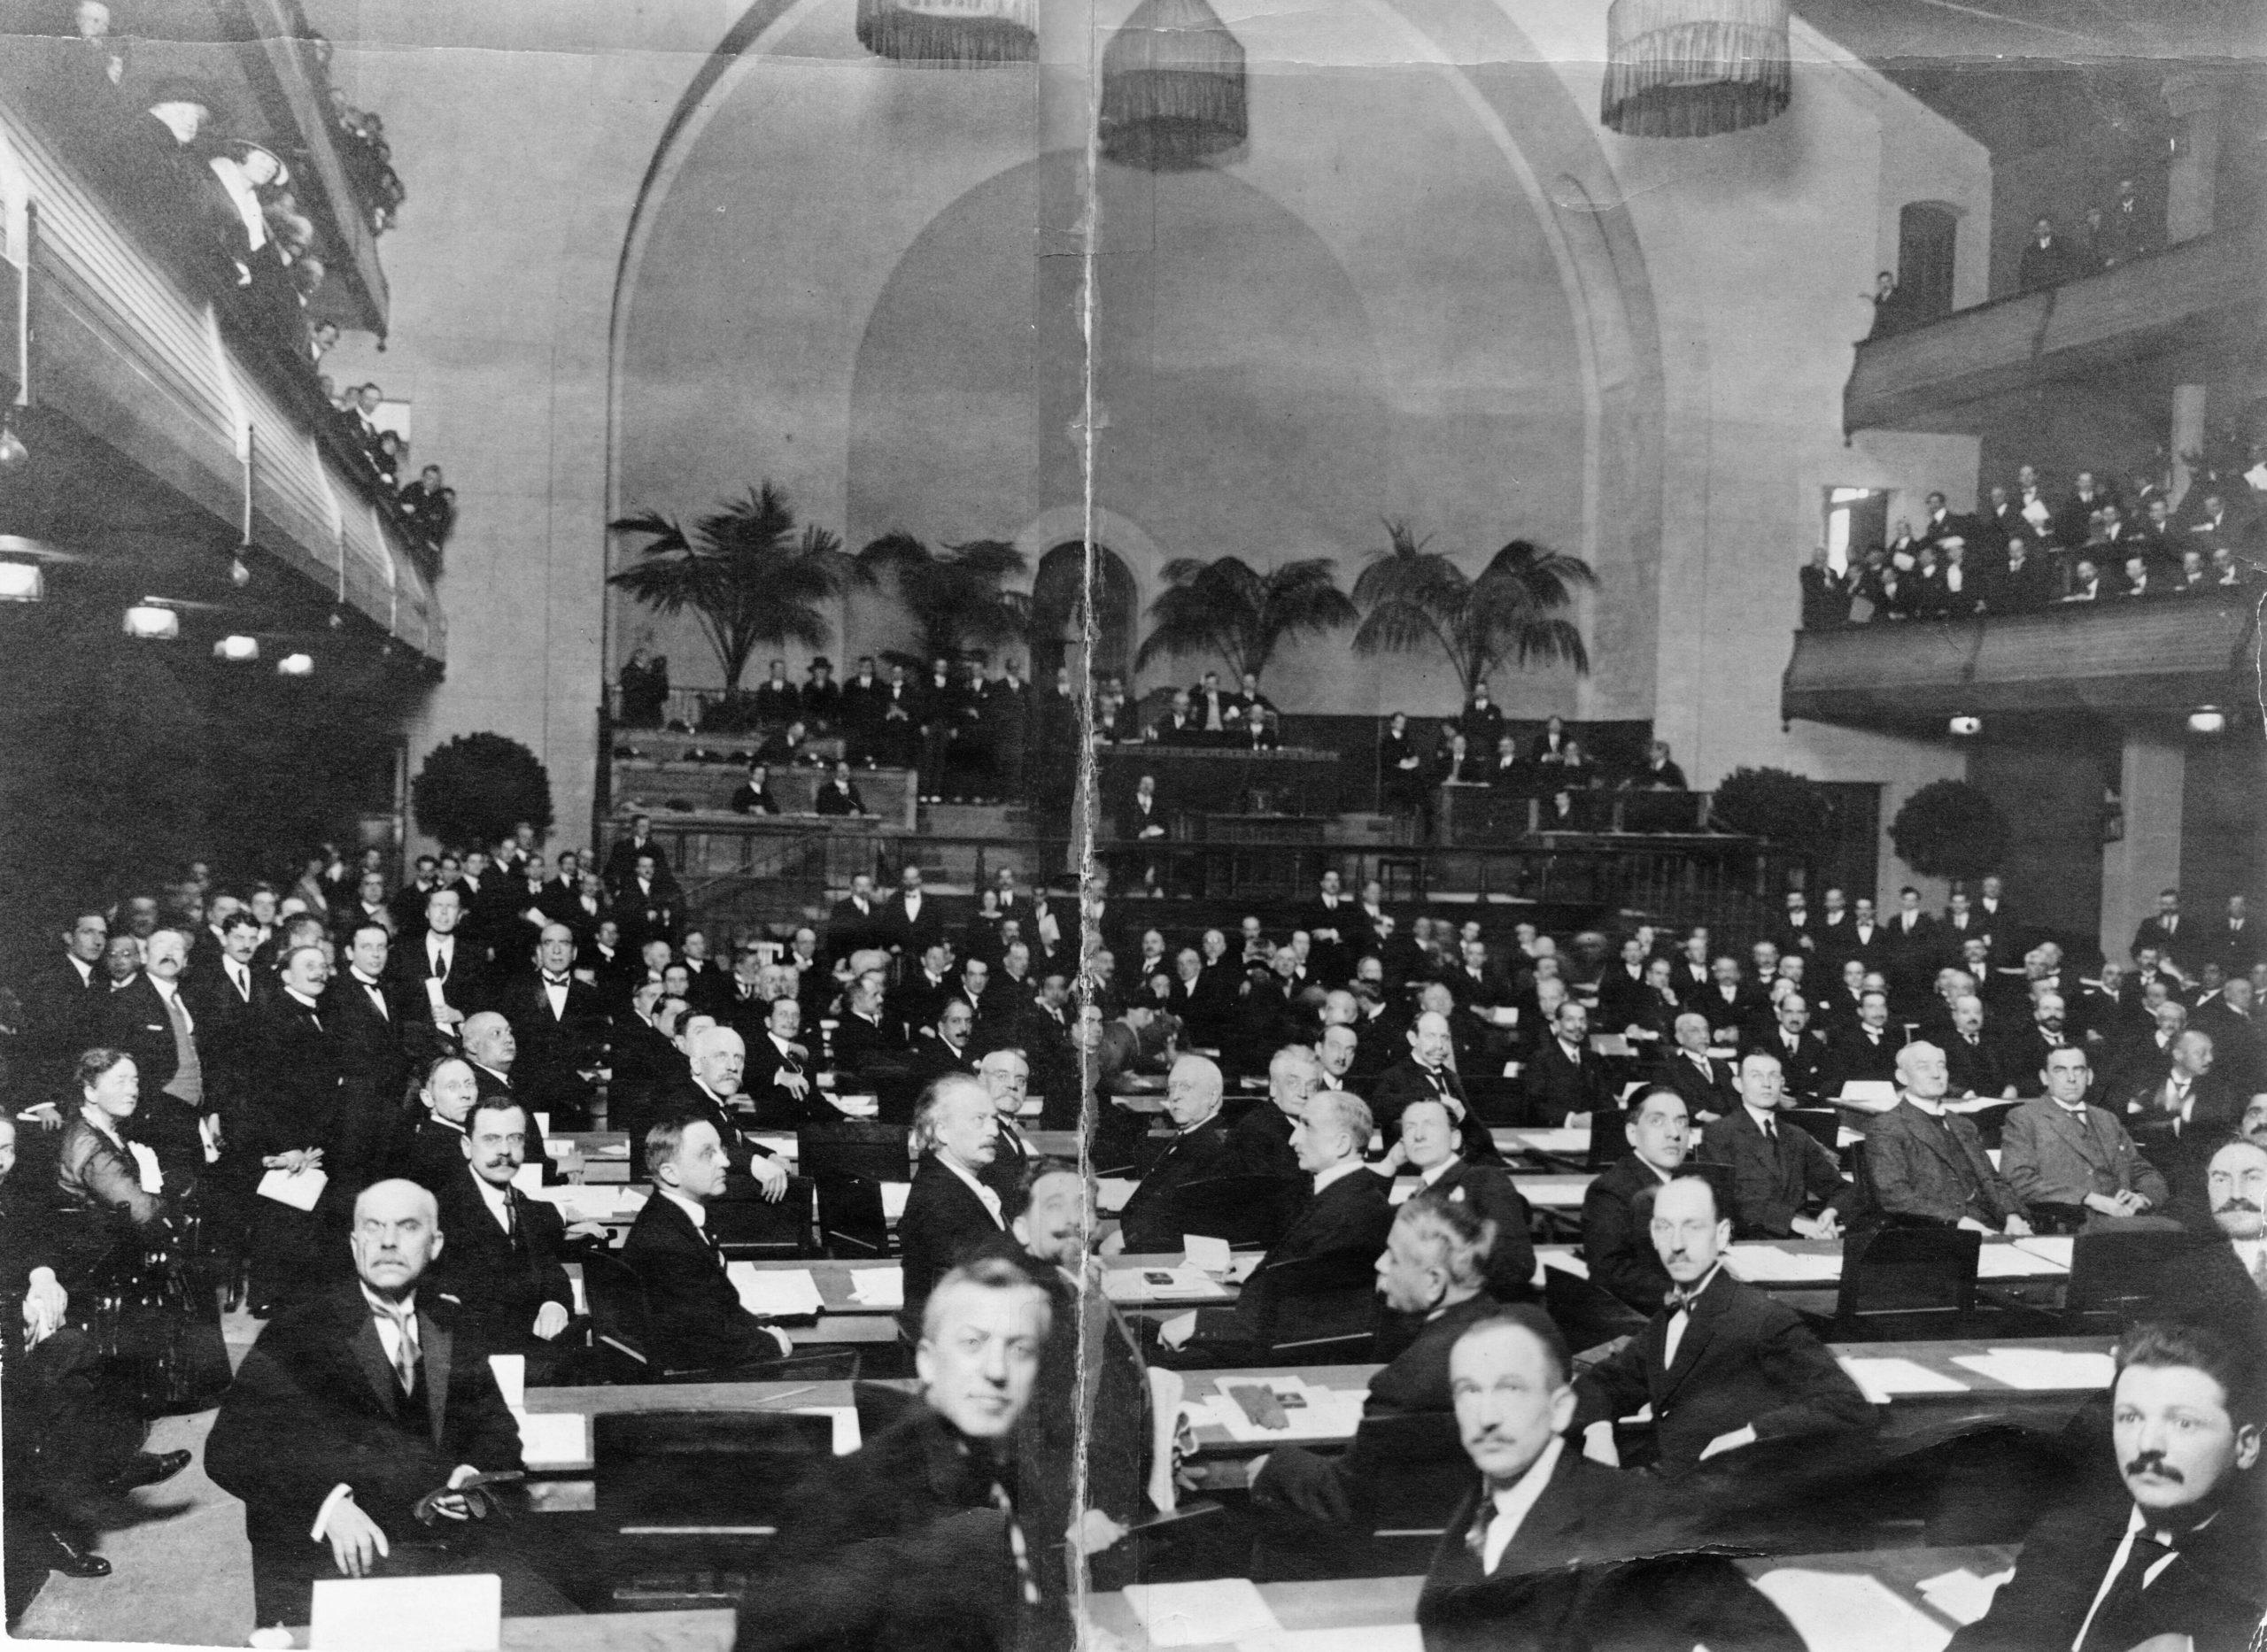 1ère session de l'Assemblée, Salle de la Réformation, 15 Novembre 1920 - Droit d'auteur A11 Photographie Boissonnas, Genève